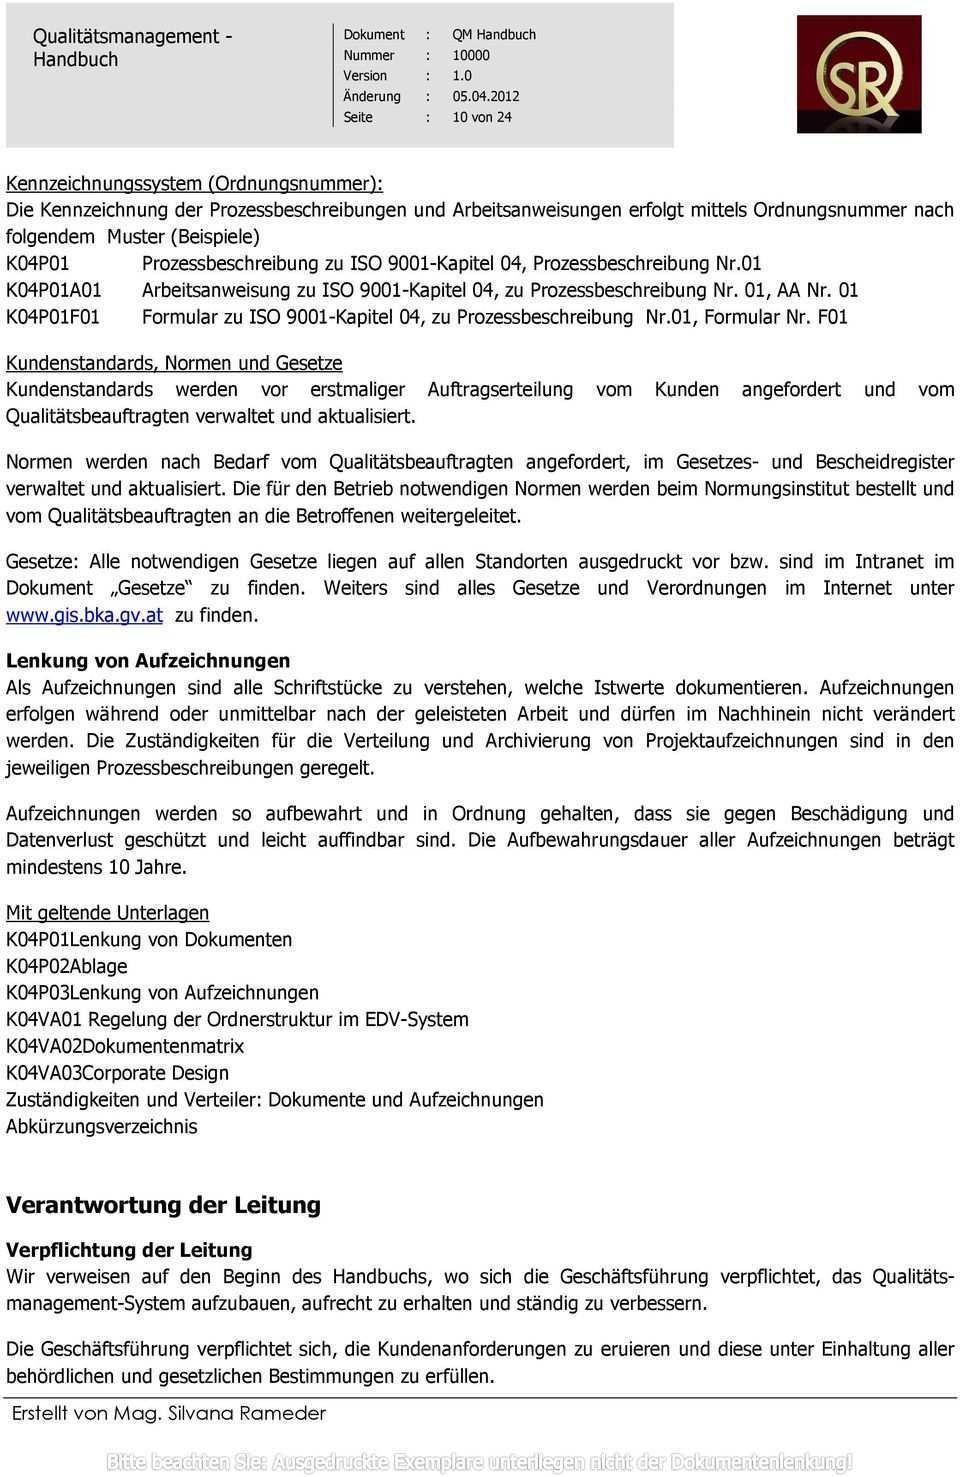 Qualitatsmanagement Handbuch Pdf Kostenfreier Download